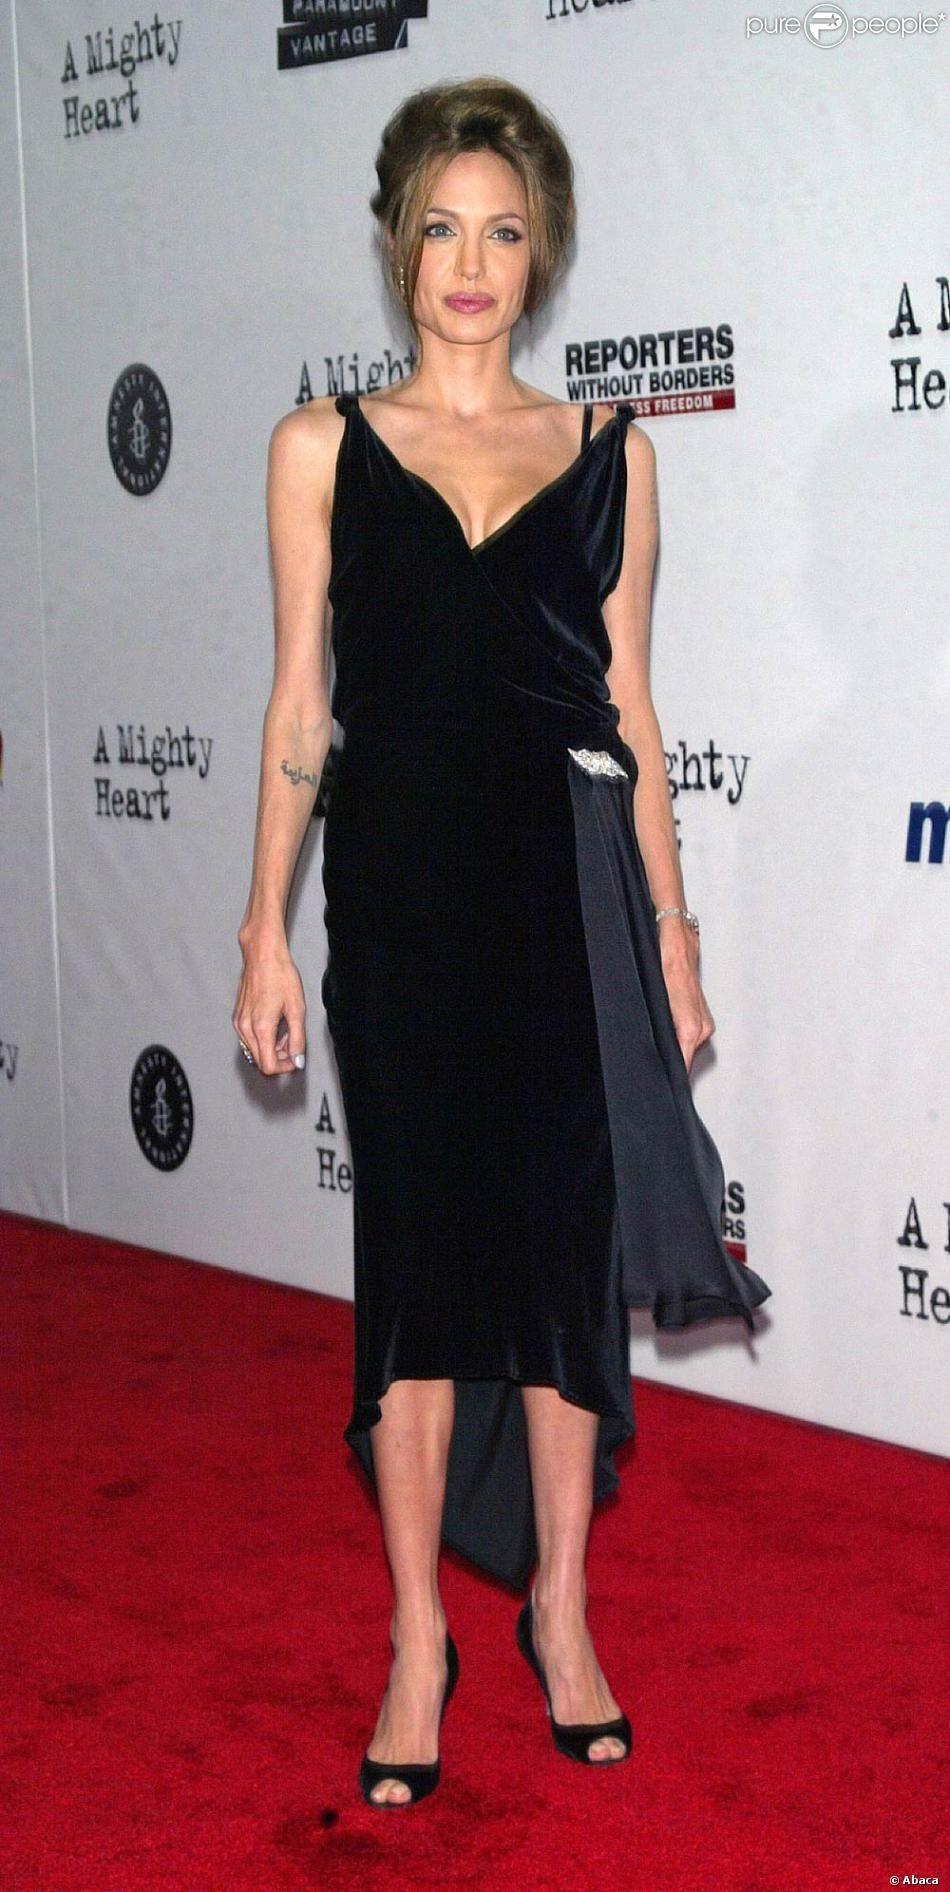 Angelina Jolie Anorexique Photo anorexique et a peine 35 kg, angelina jolie risque de perdre brad pitt